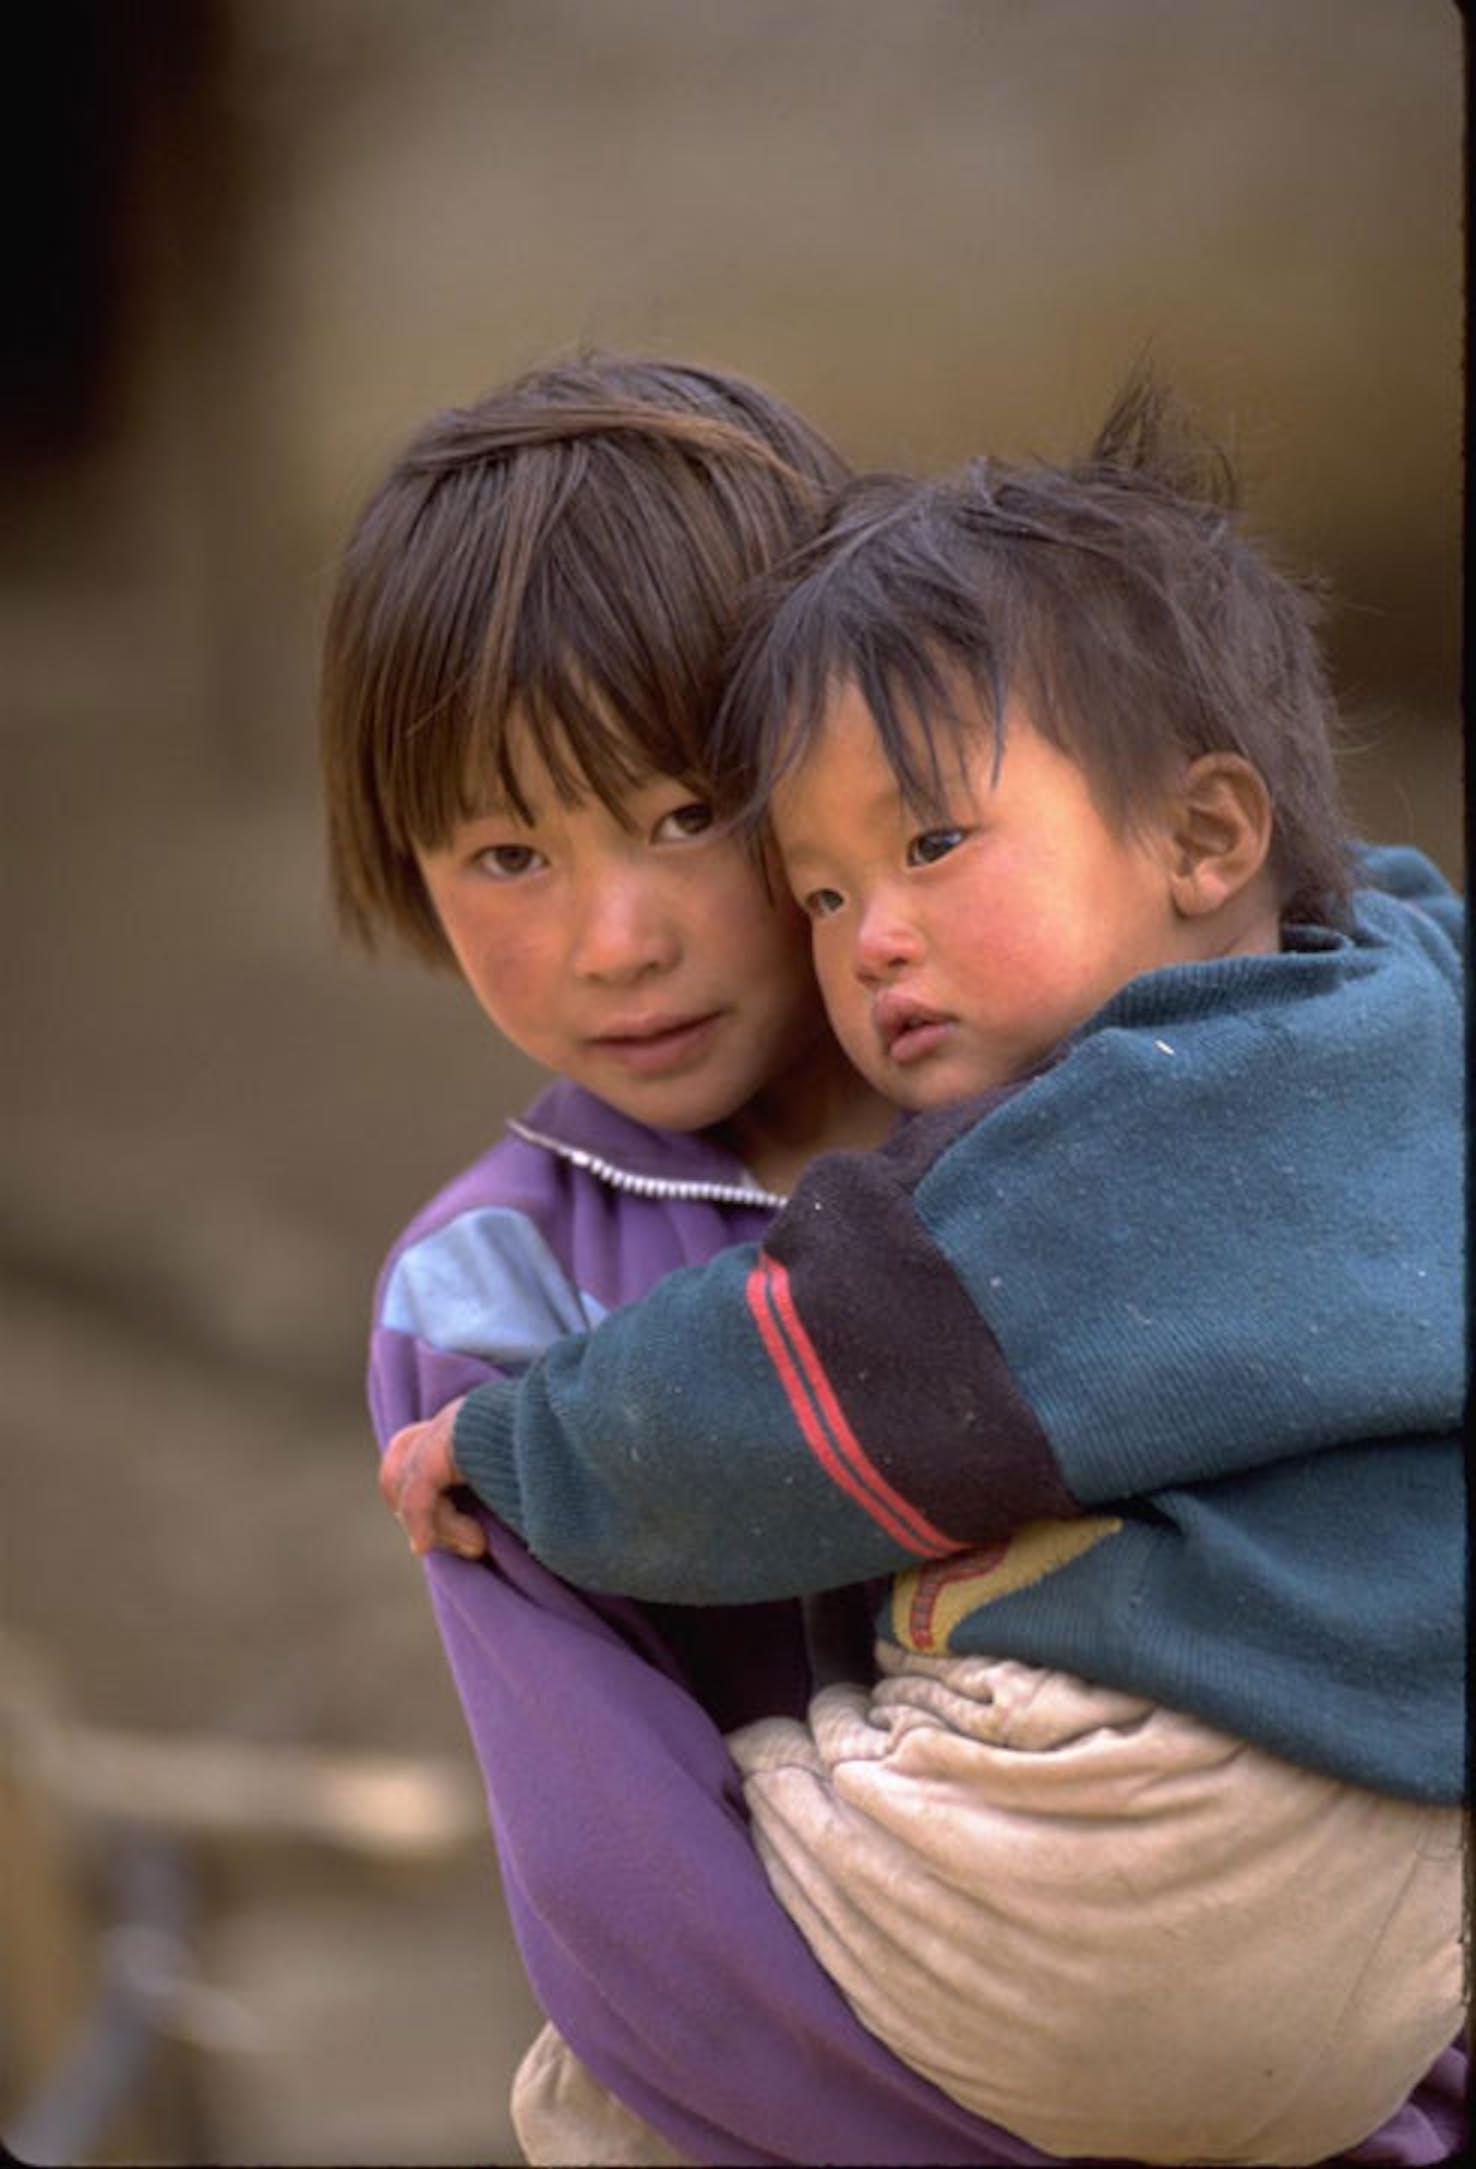 ©UNICEF Bhutan